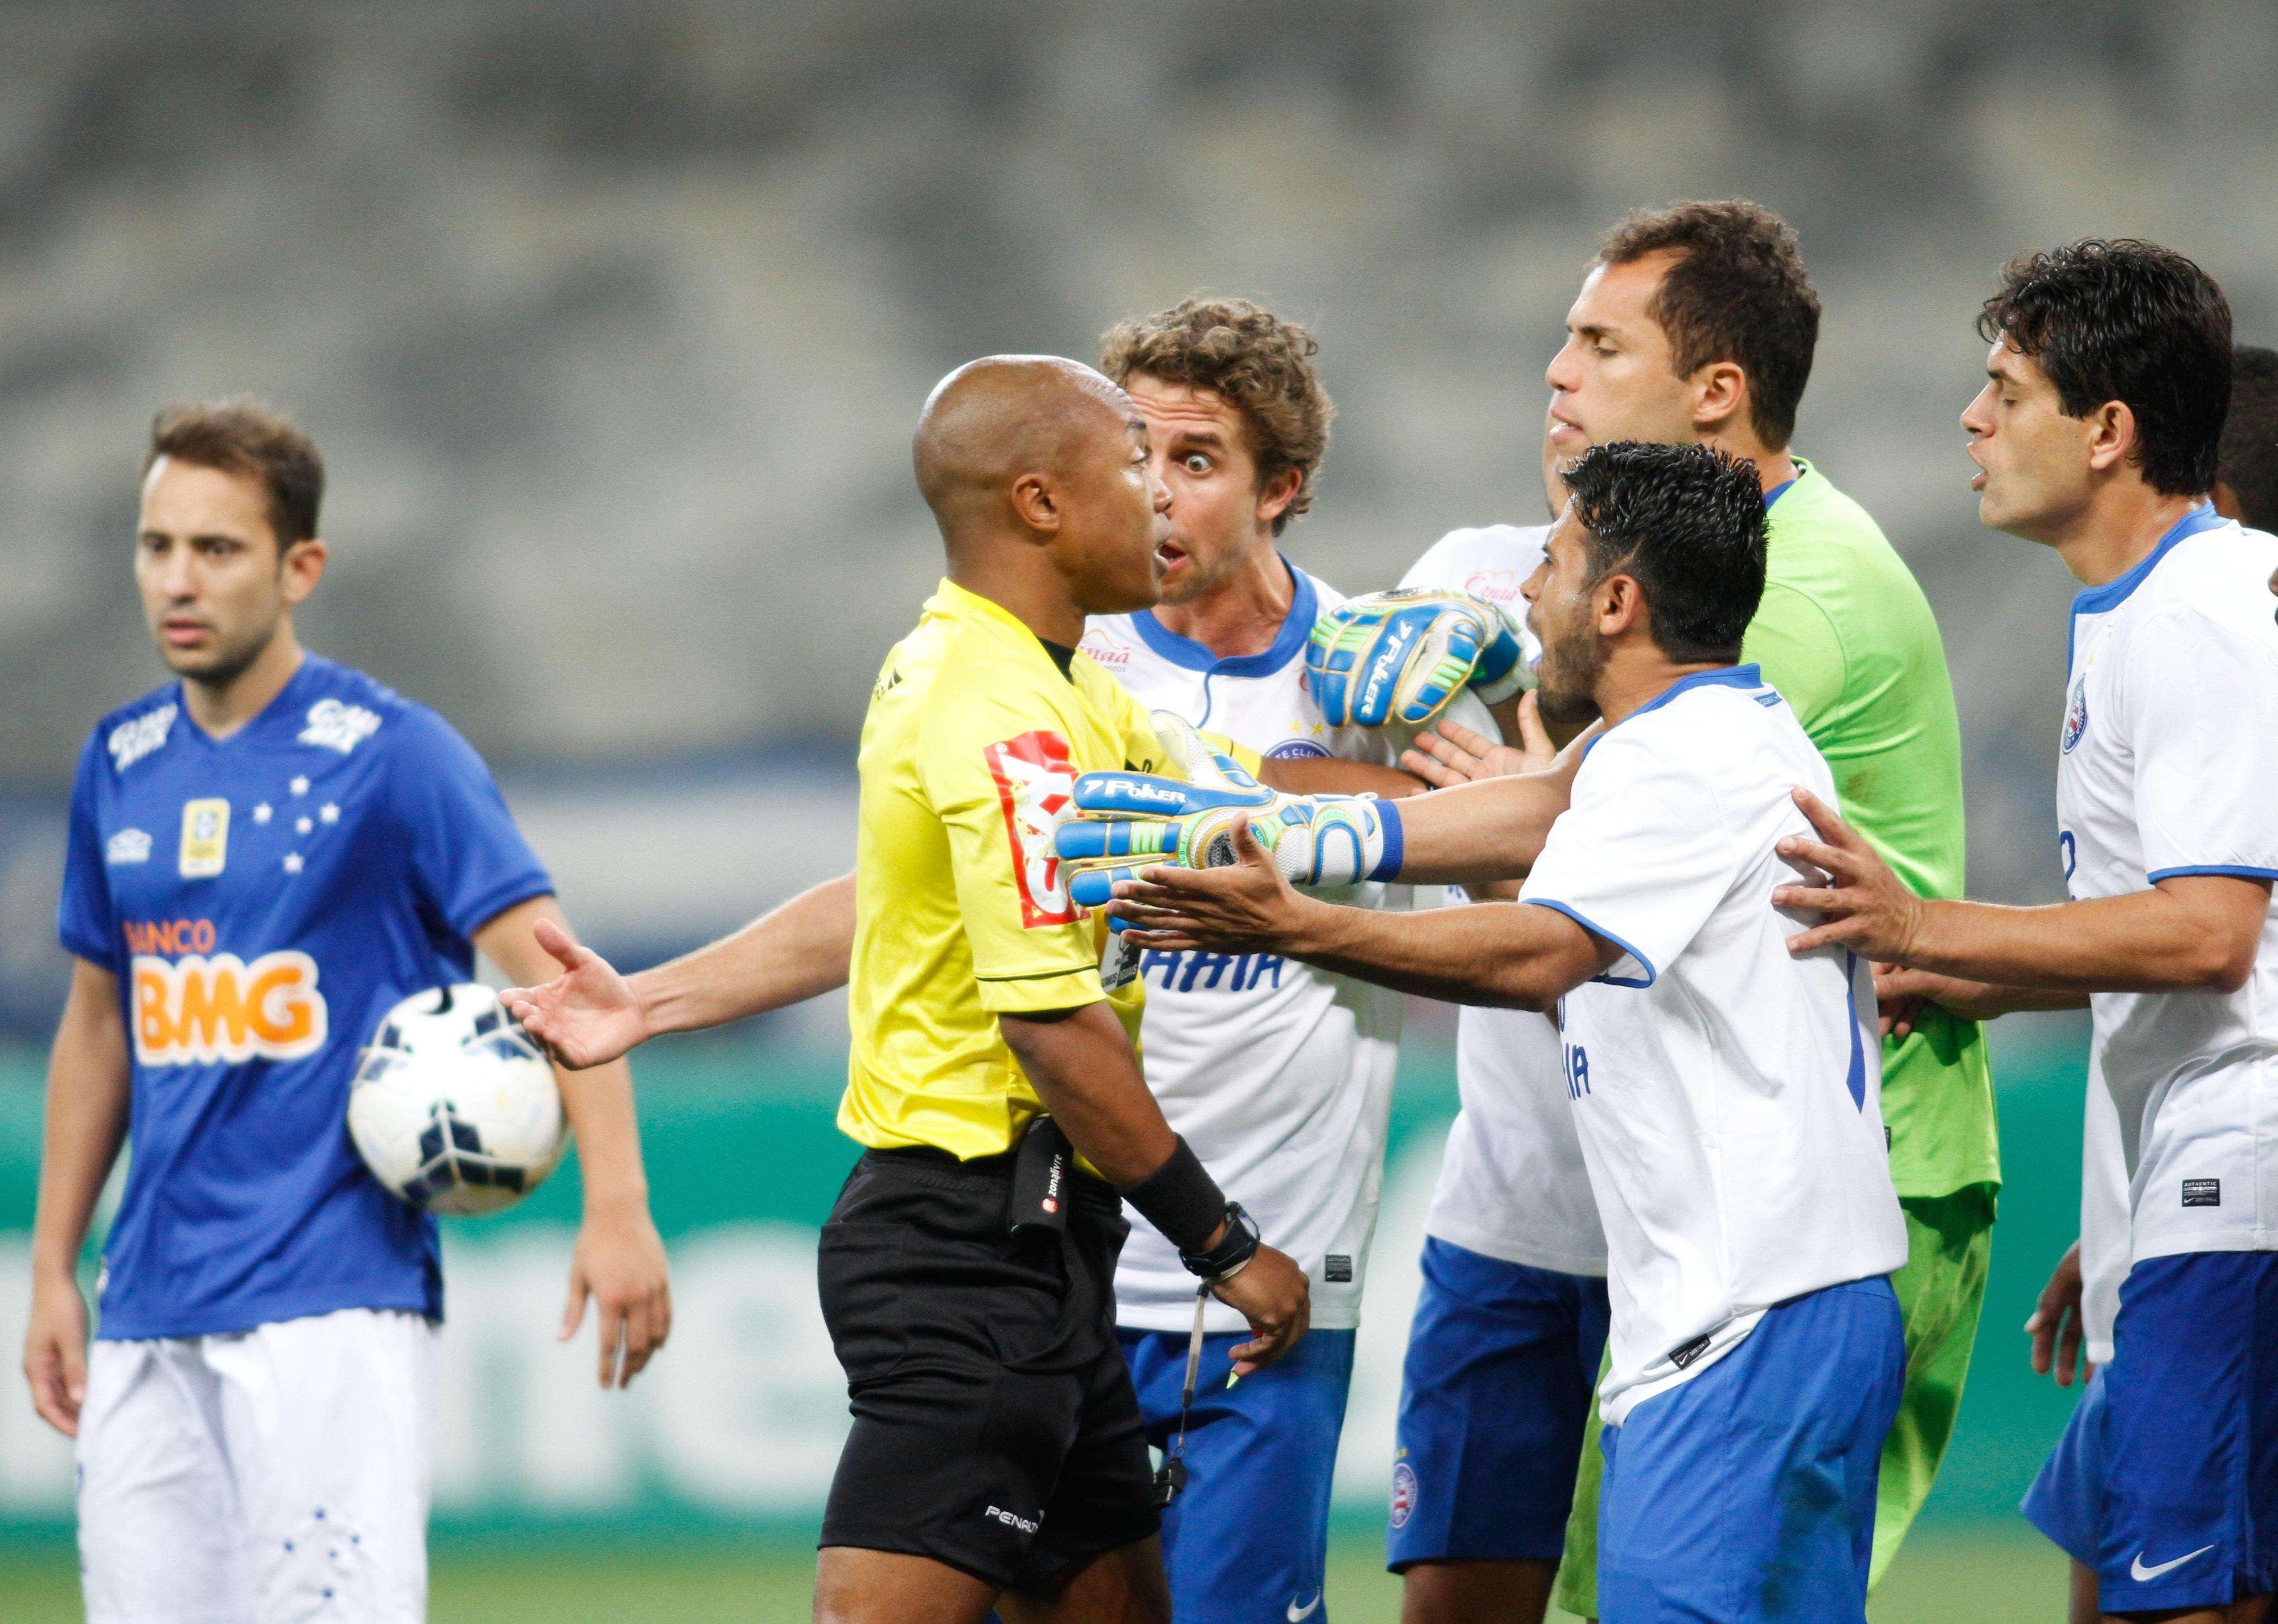 Árbitro Marcos Mateus Pereira é cercado pelo time do Bahia; Cruzeiro deslanchou e conseguiu a vitória depois de expulsão do zagueiro Titi Foto: Ramon Bittencourt/Agência Lance